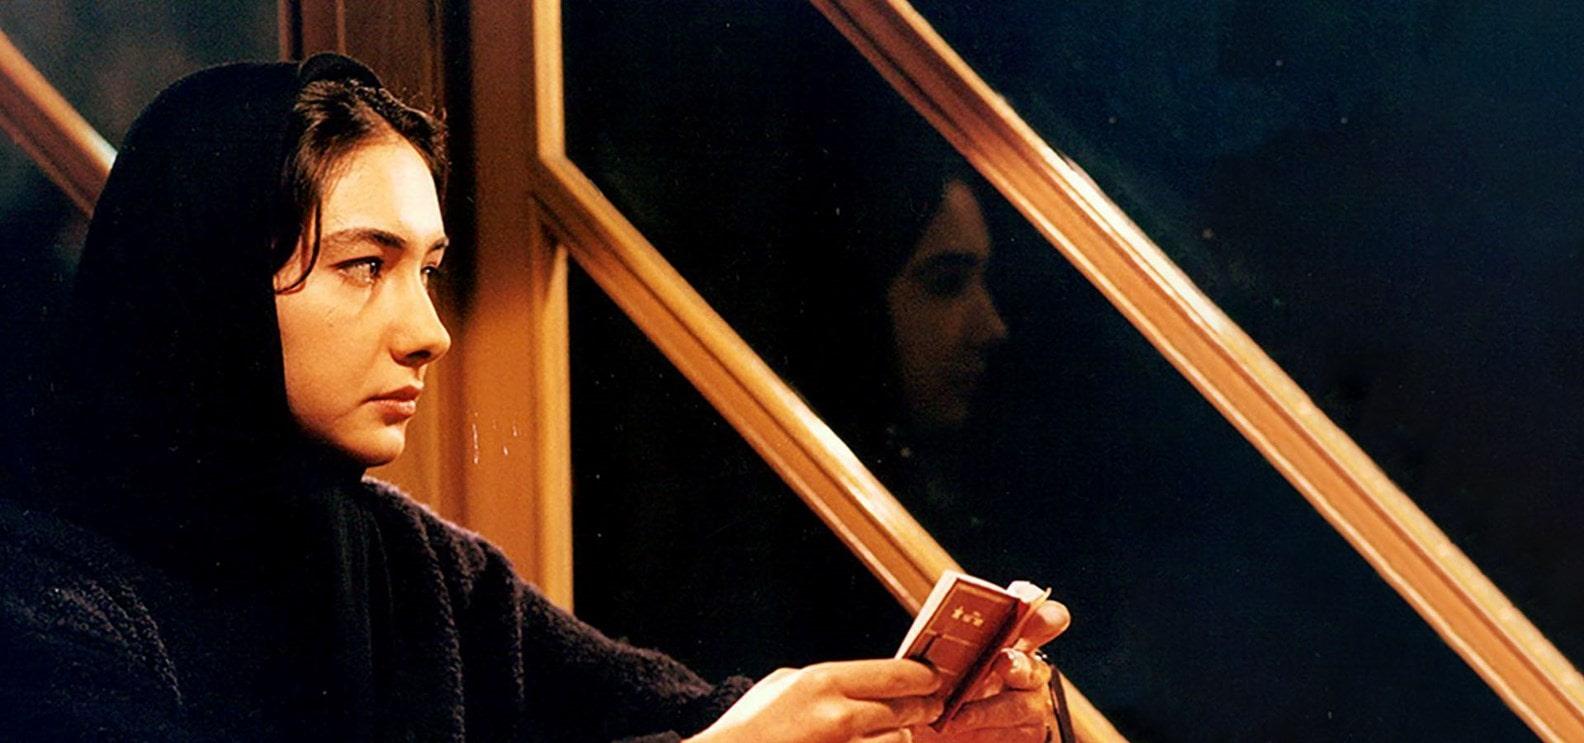 إهترین اقتباس های سینمای ایران- شب های روشن